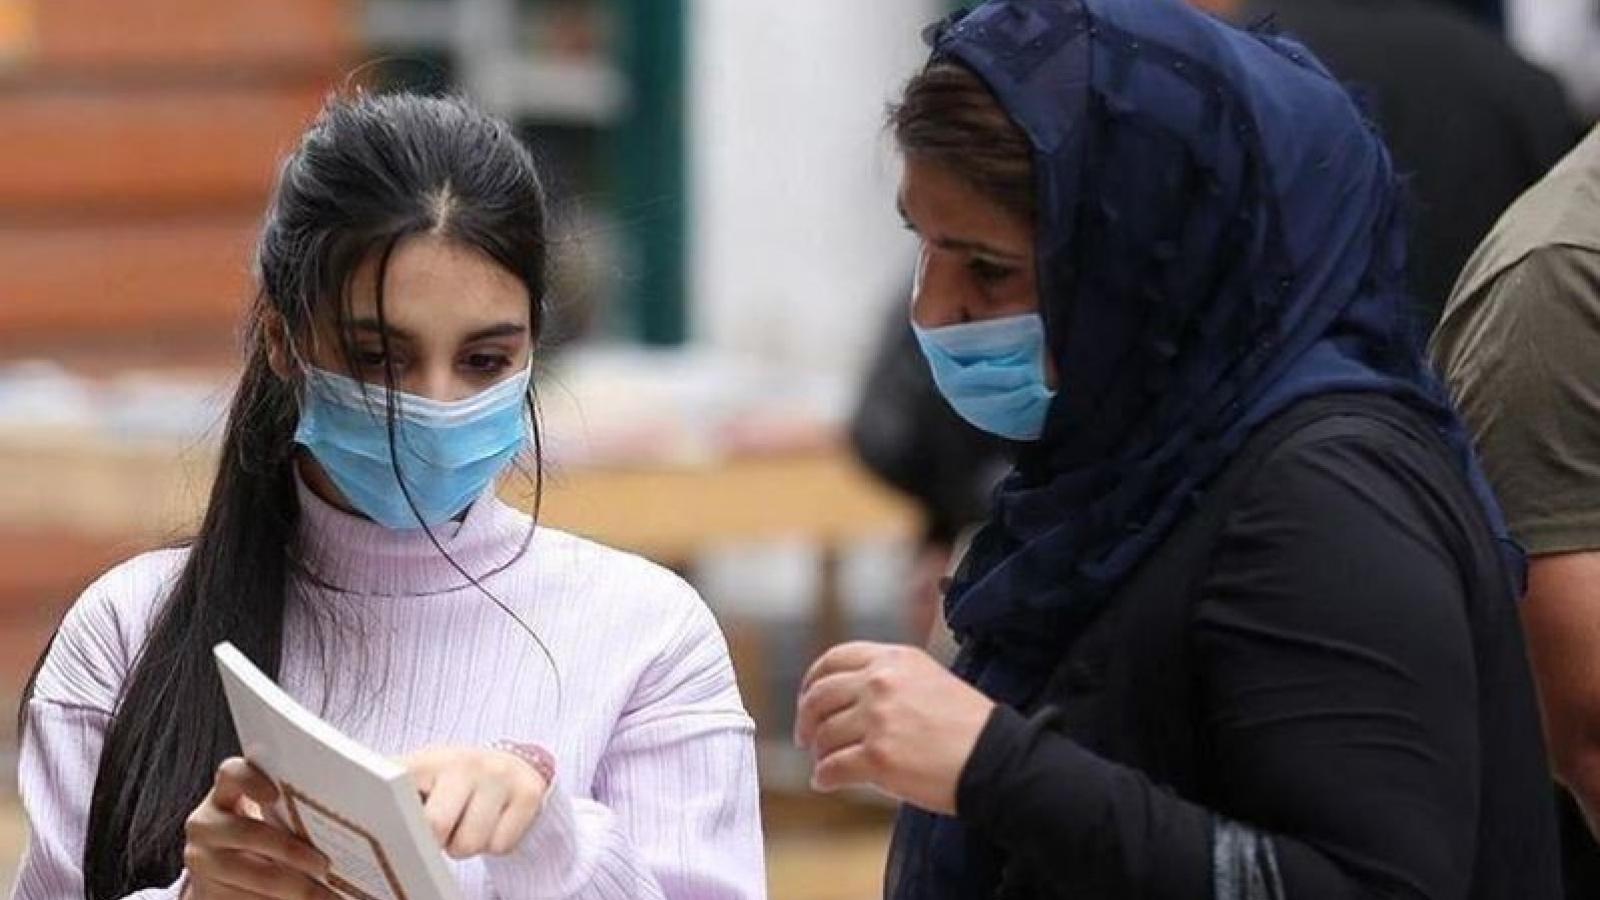 Morocco tiếp tục phong tỏa đất nước đến 20/5 vì dịch Covid-19